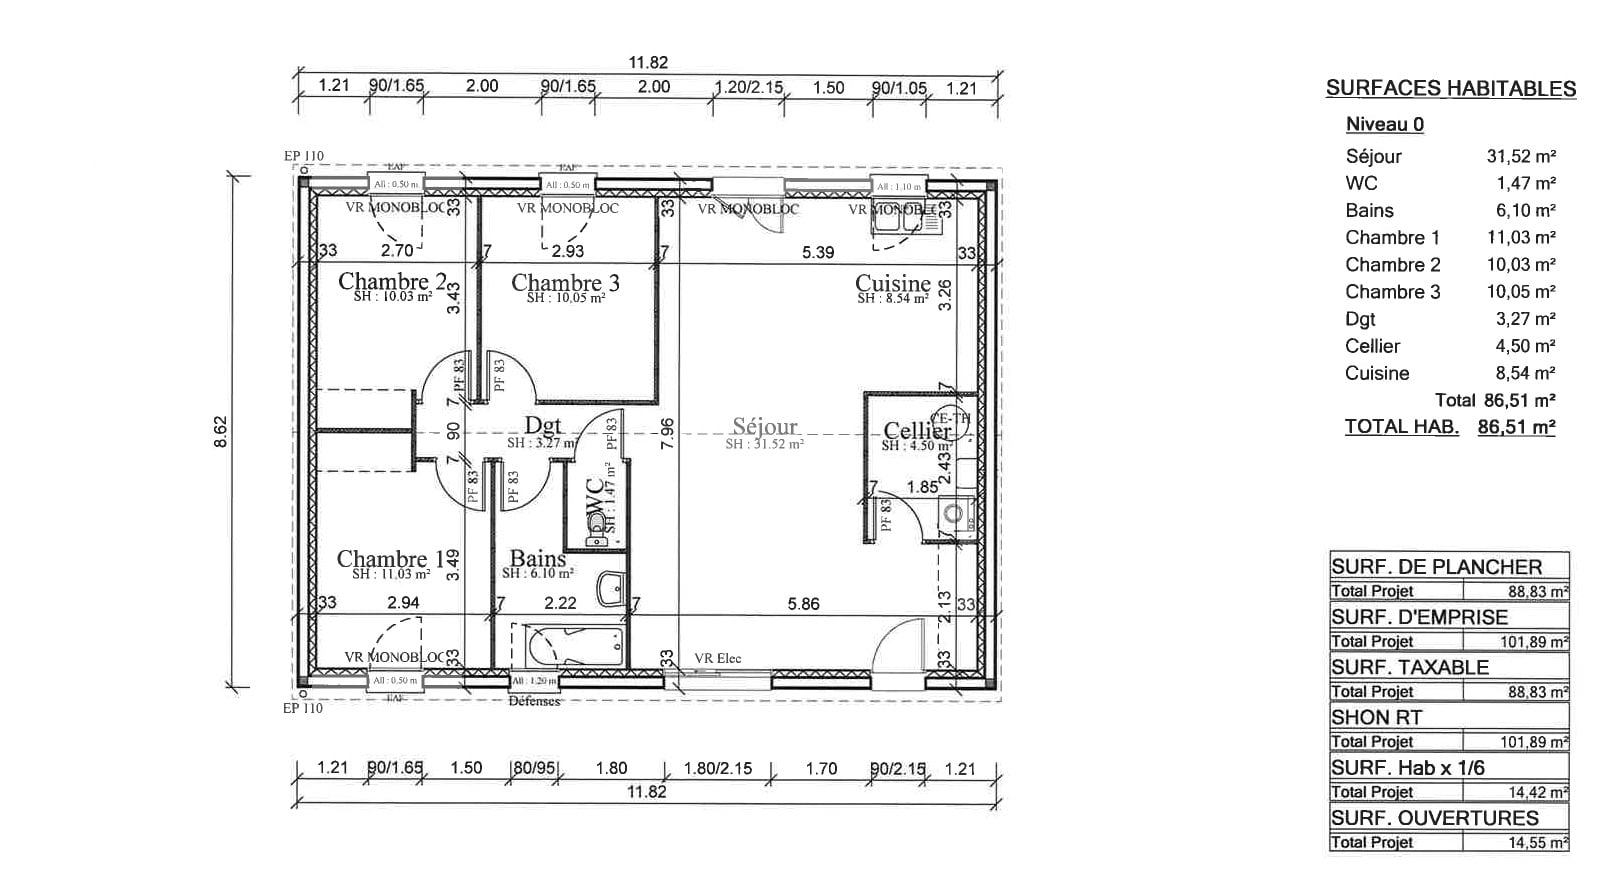 Maison design 86 tout petit prix for Plan decoration maison